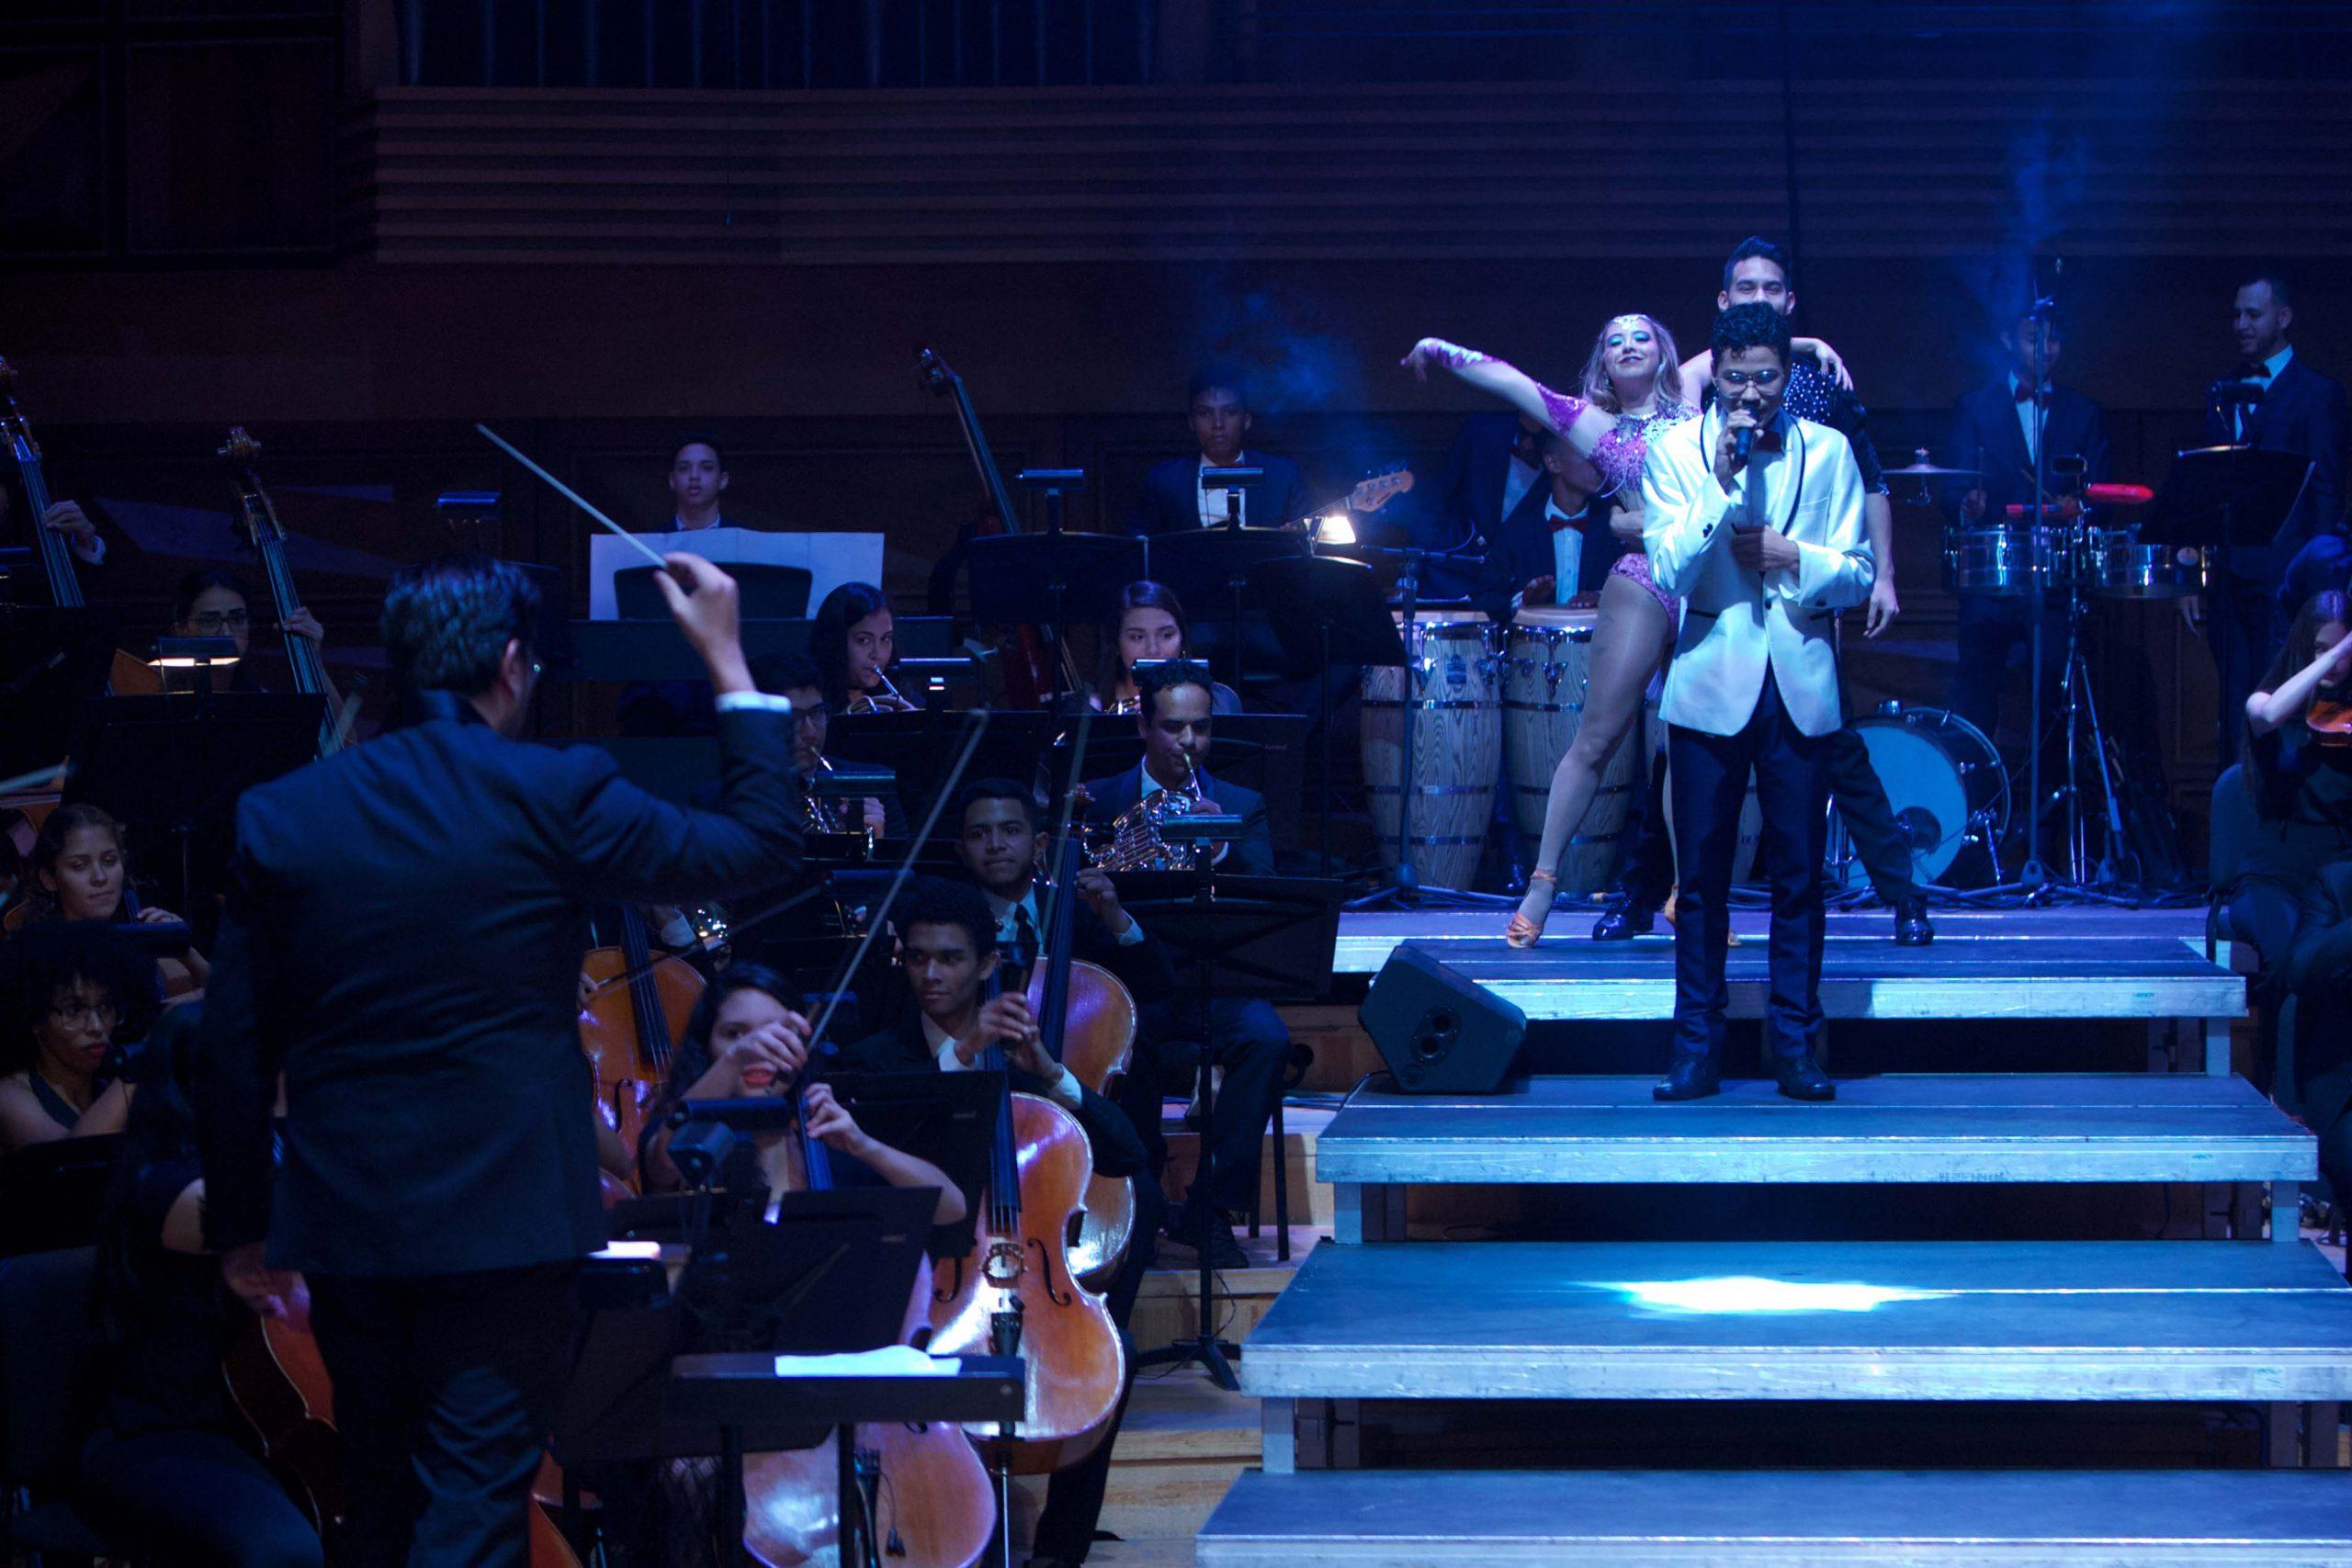 En 2019 Consolidamos La Diversificación De Orquestas Y Espectáculos Musicales